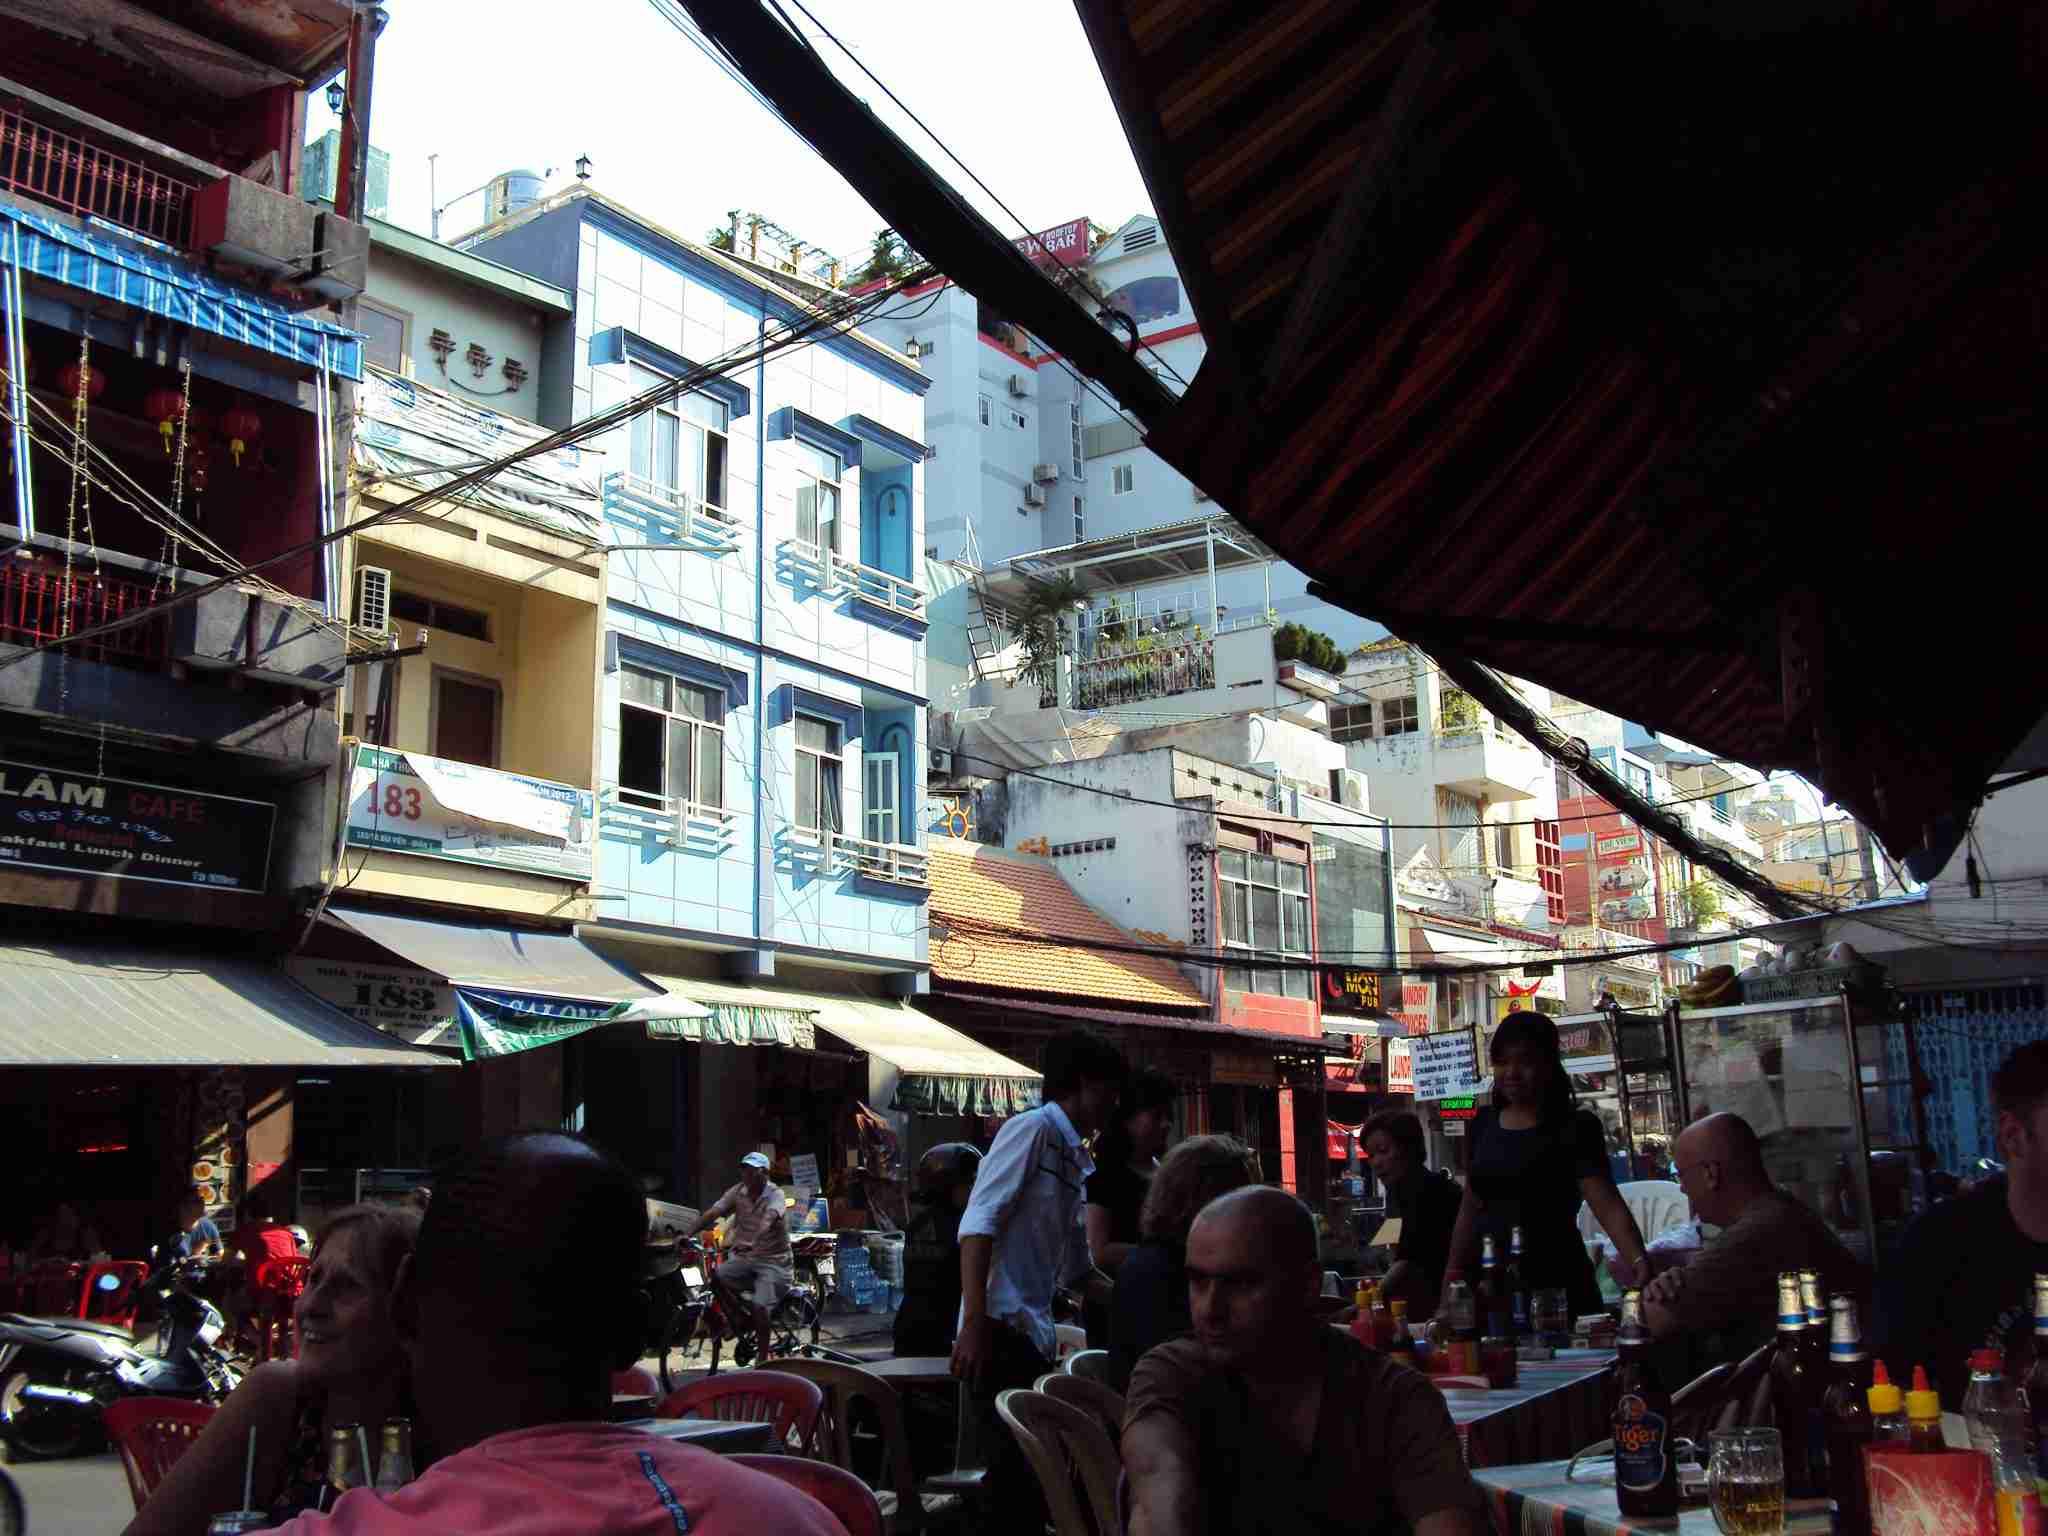 Saigon - alive and kicking